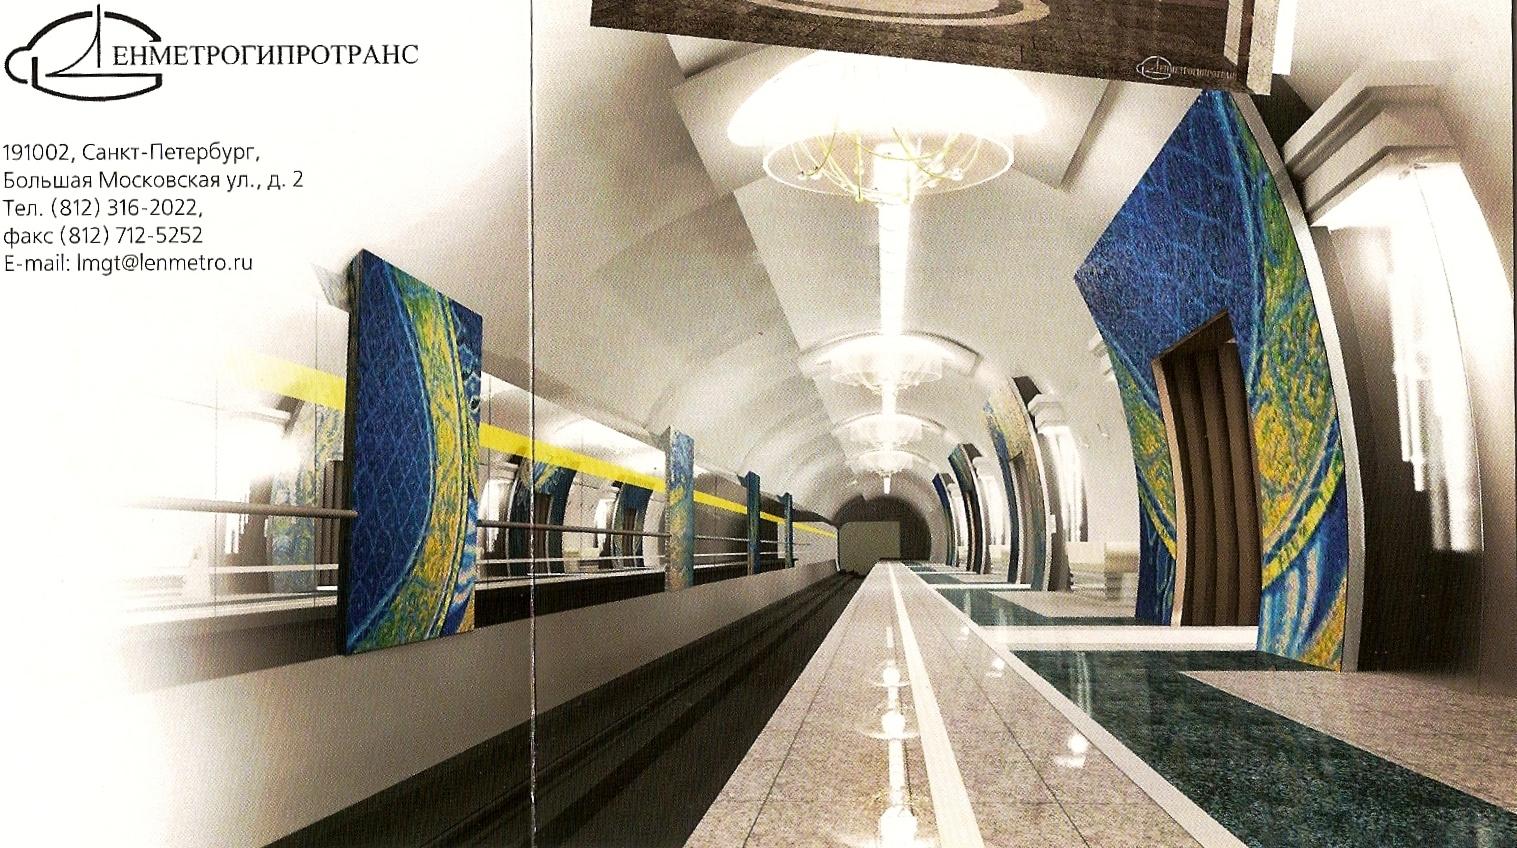 опубликовано на сайте http://www.subwaytalks.ru блогером Almak